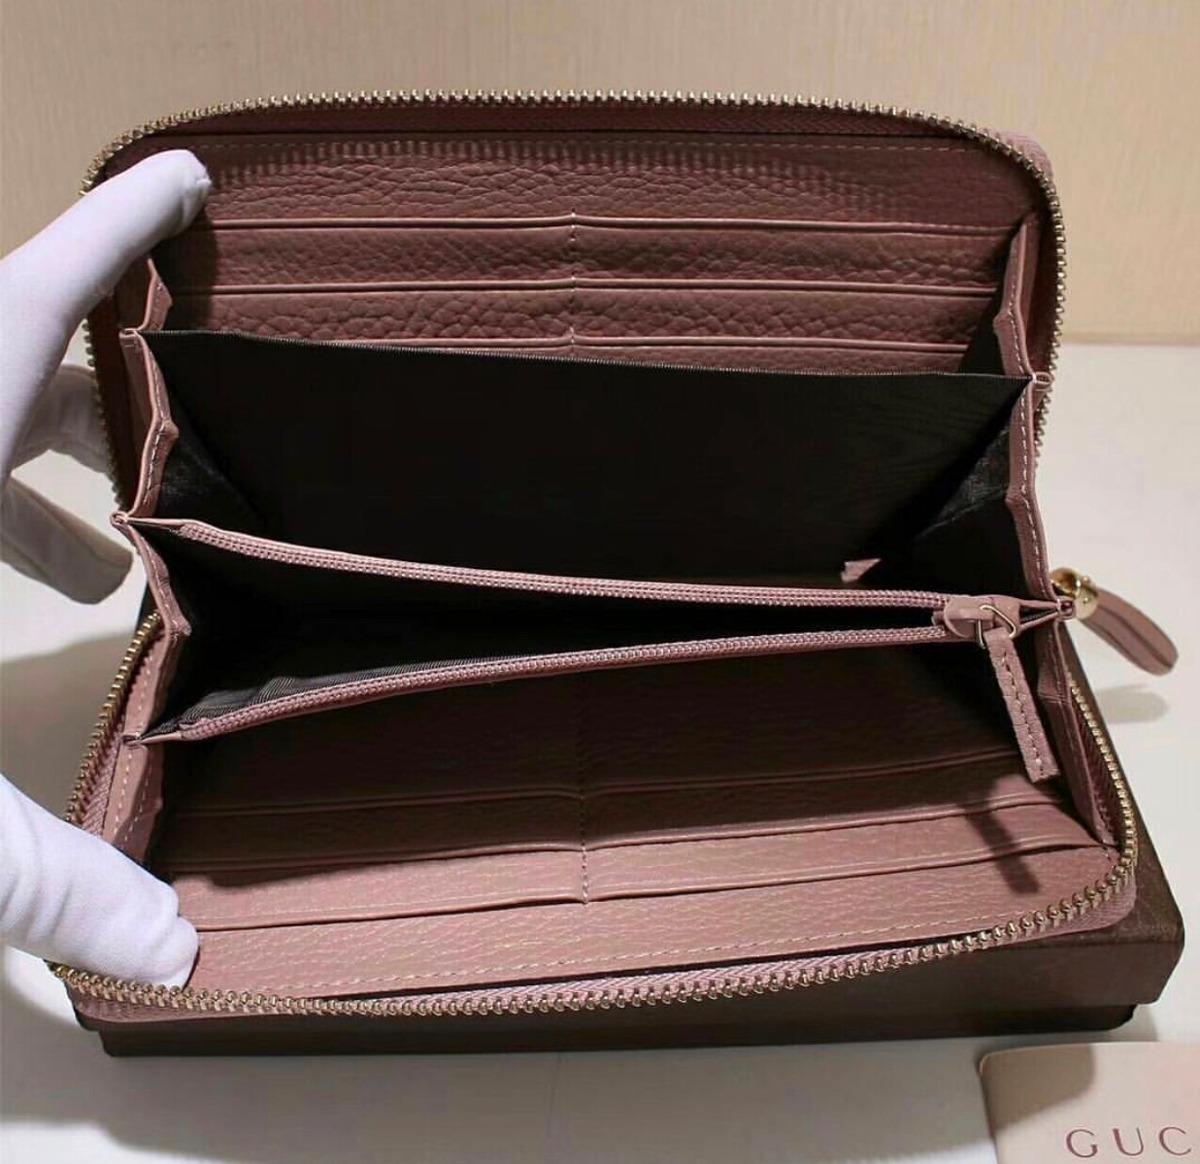 6df70350a carteira gucci gg feminina couro legítimo - frete grátis. Carregando zoom.